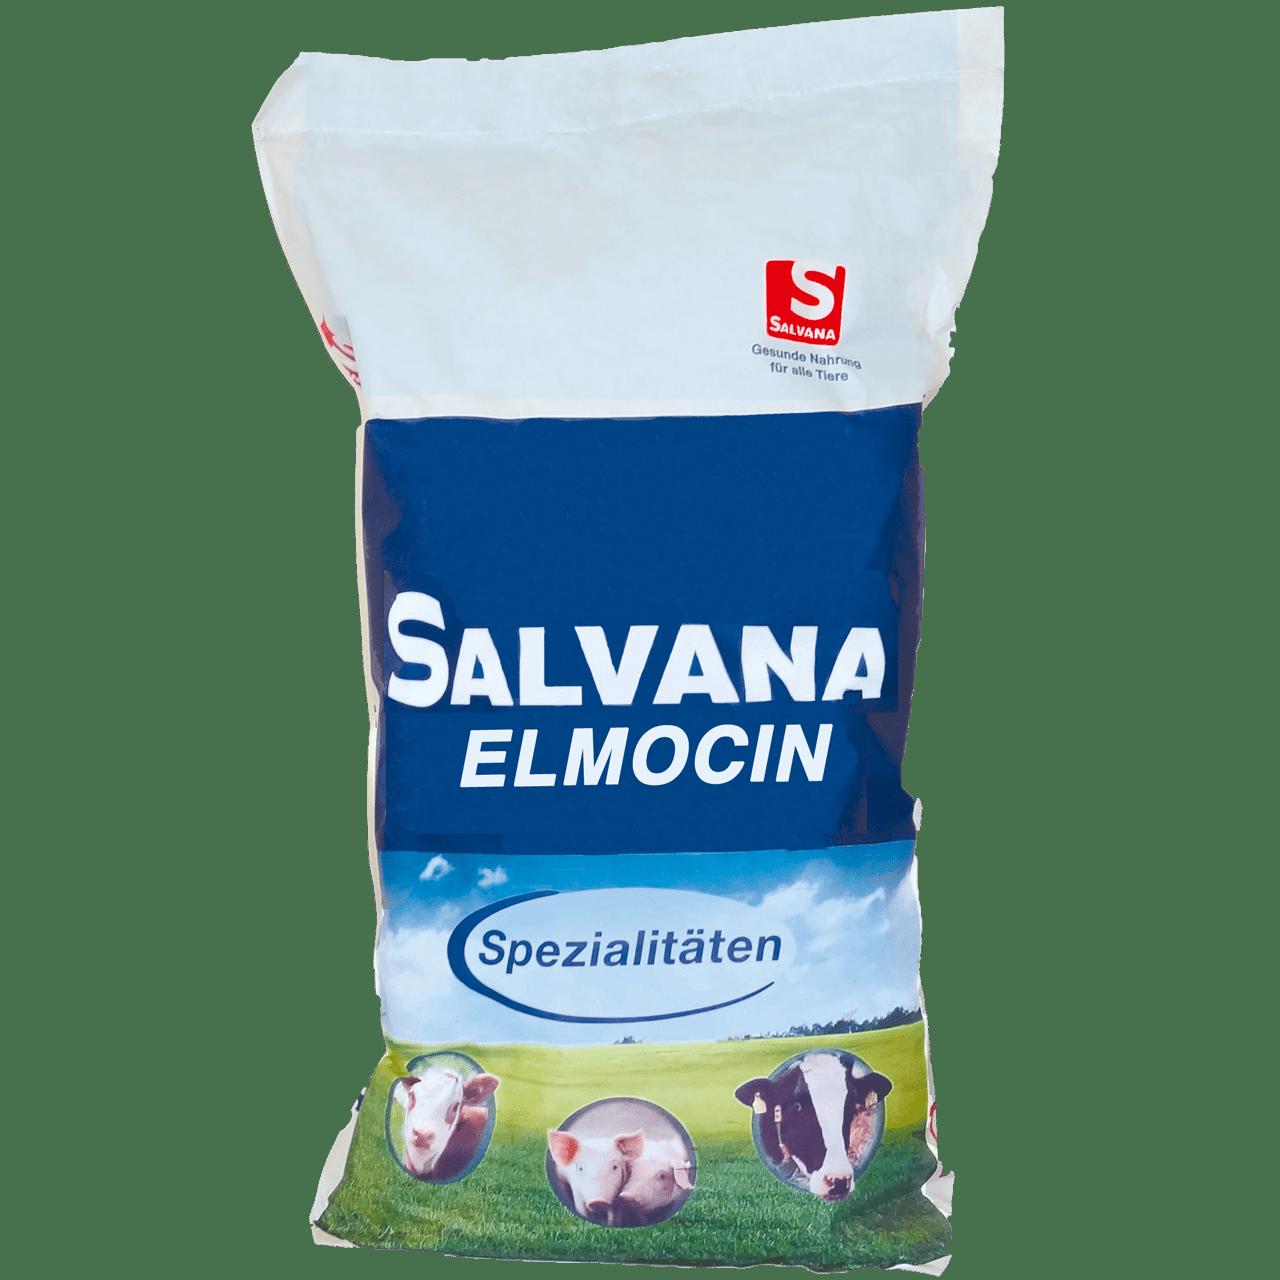 SALVANA ELMOCIN